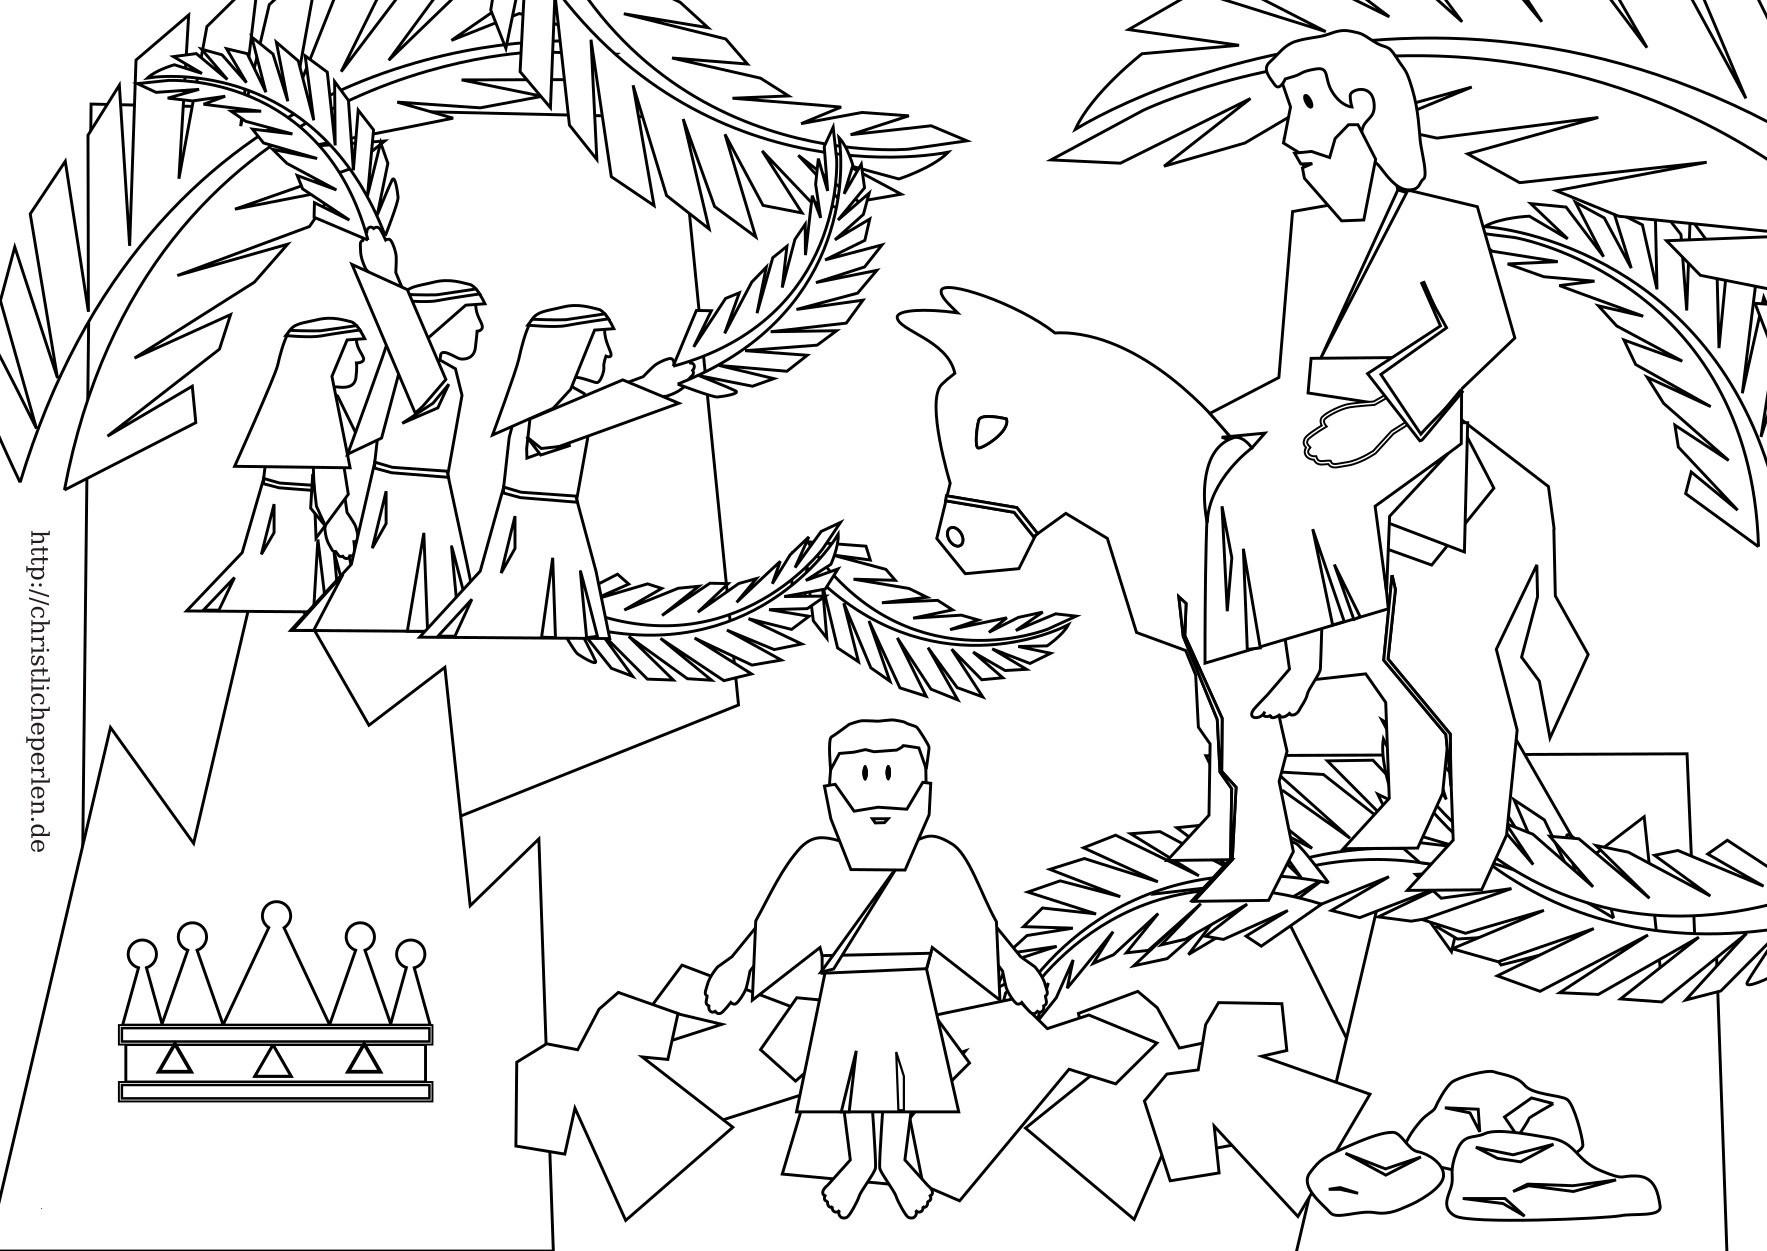 Jakob Und Esau Ausmalbilder Inspirierend Ausmalbilder Noten Genial Ausmalbild Erntedank Religionspädagogik Fotos